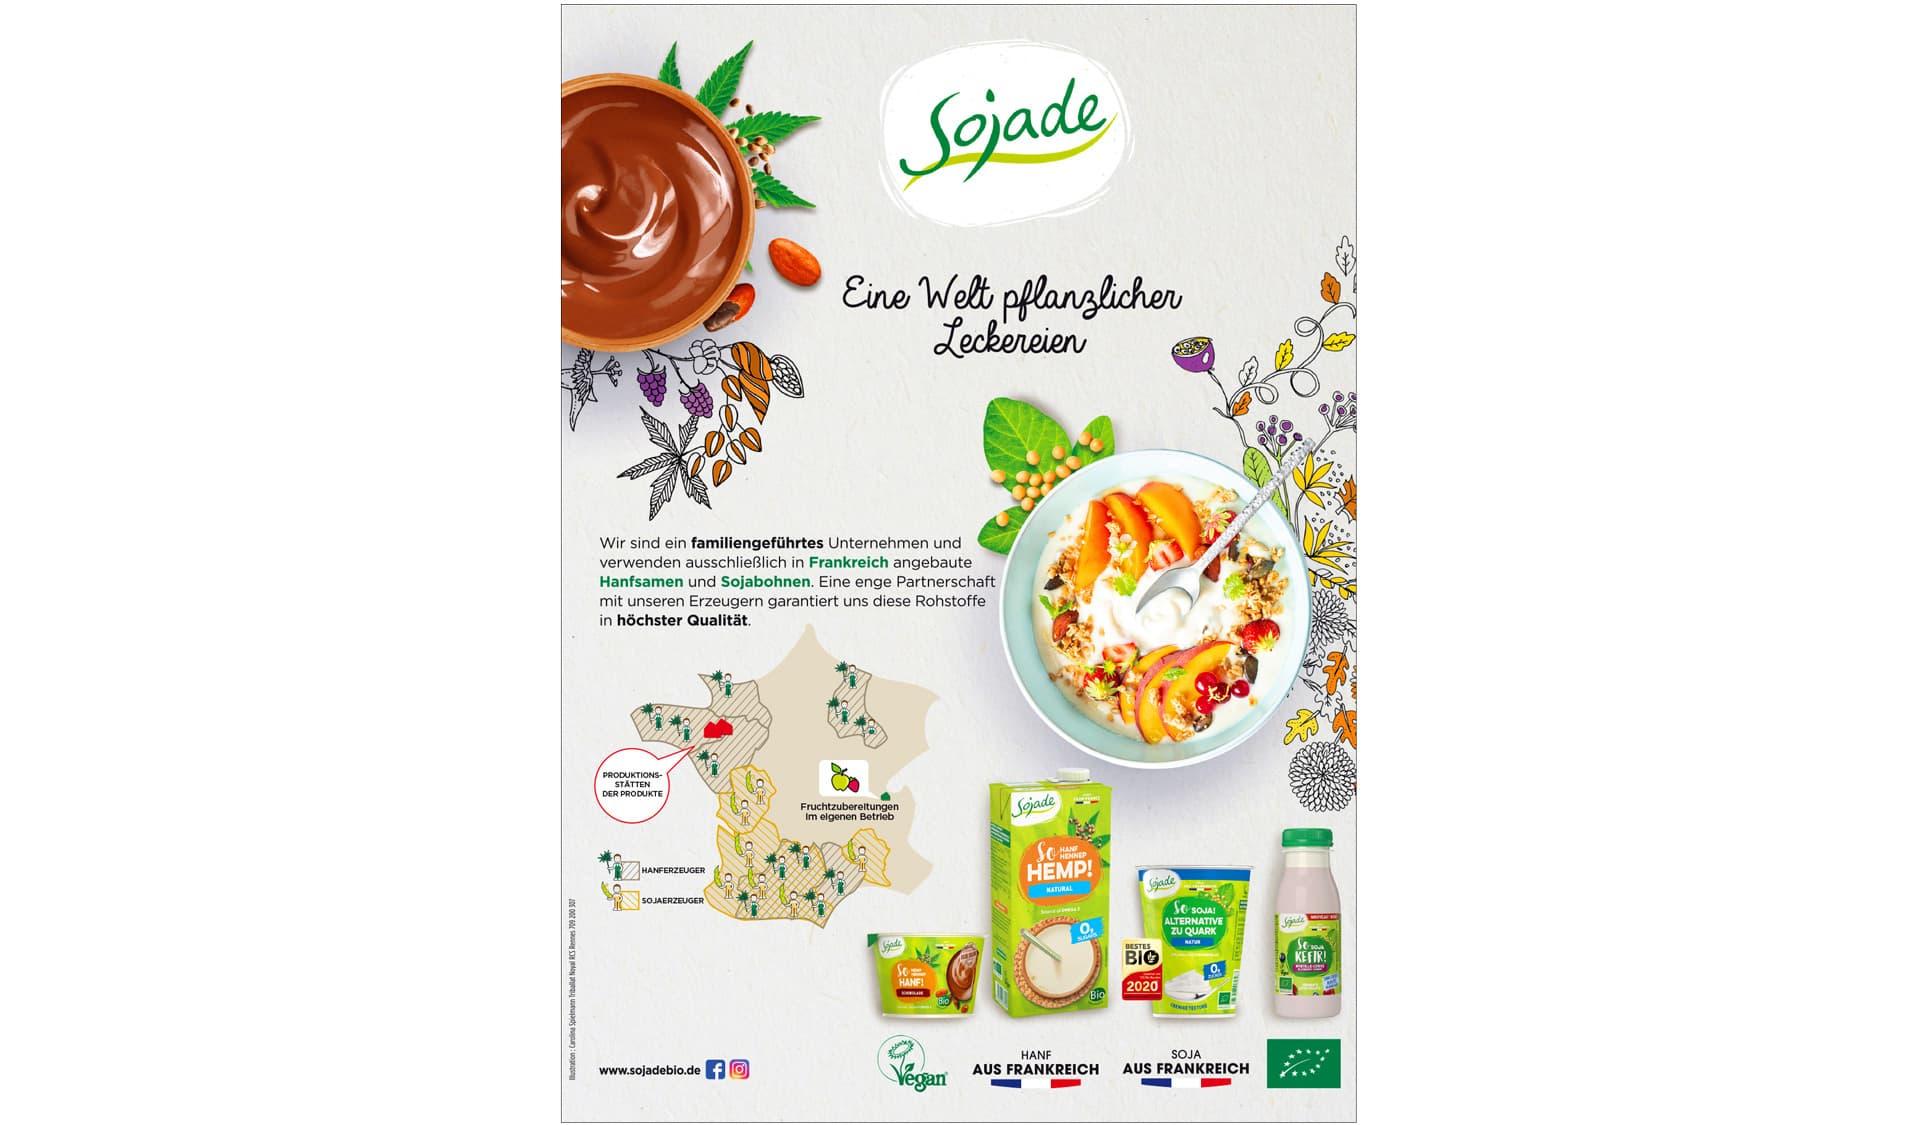 Anzeige von Sojade